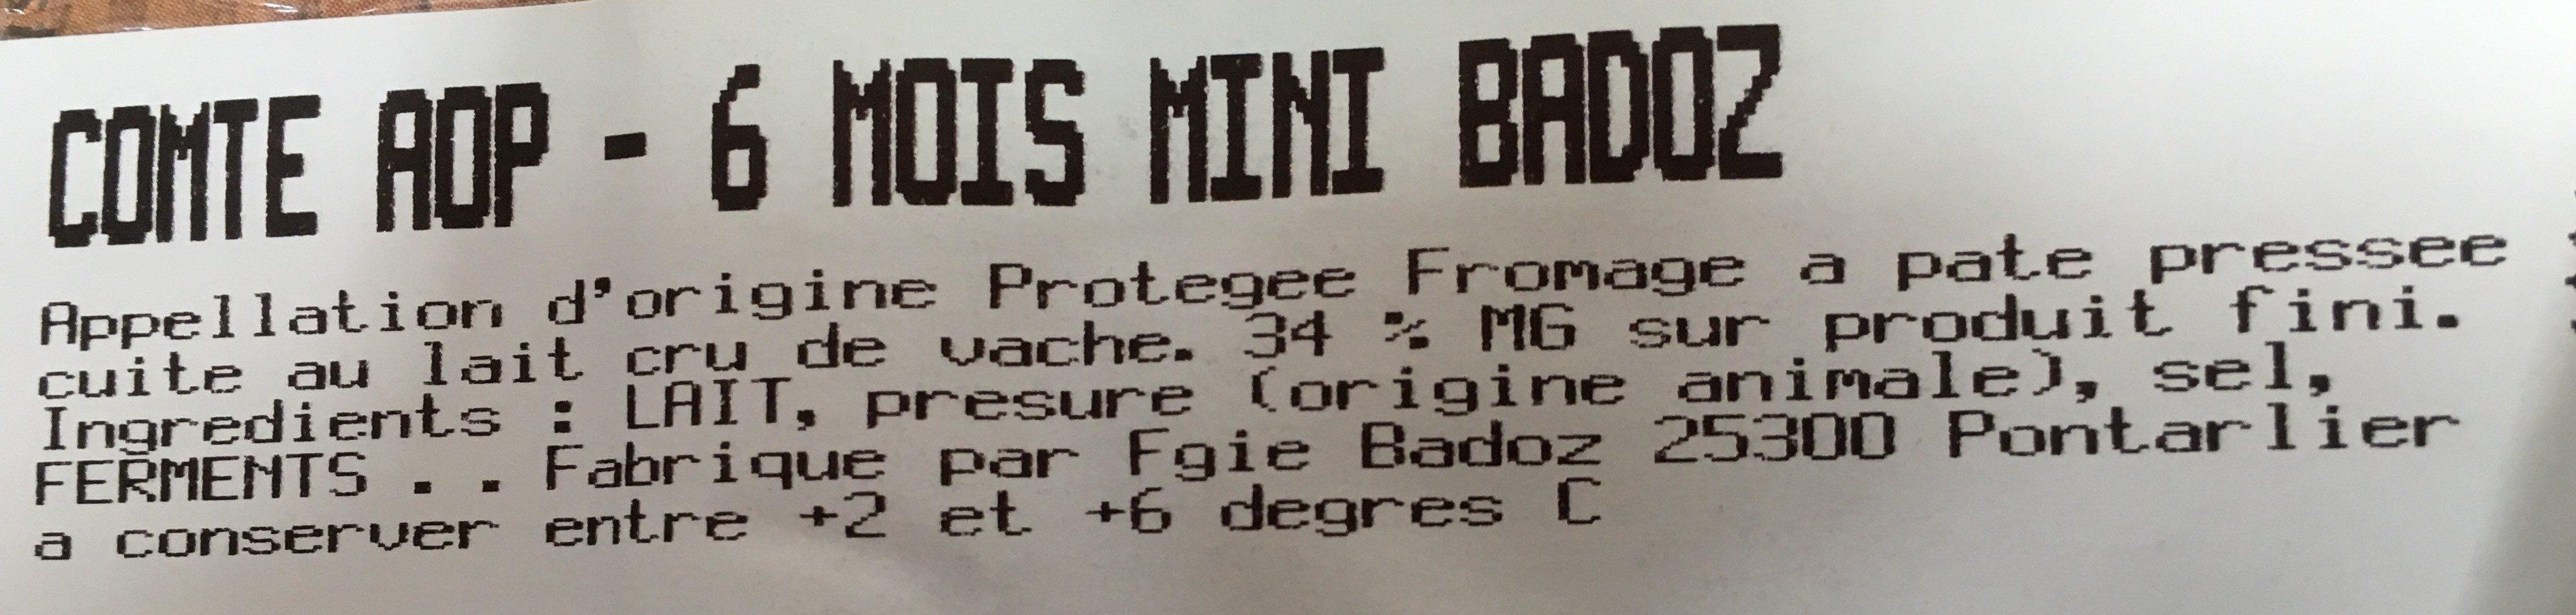 Comté AOP - 6 mois mini badoz - Ingrediënten